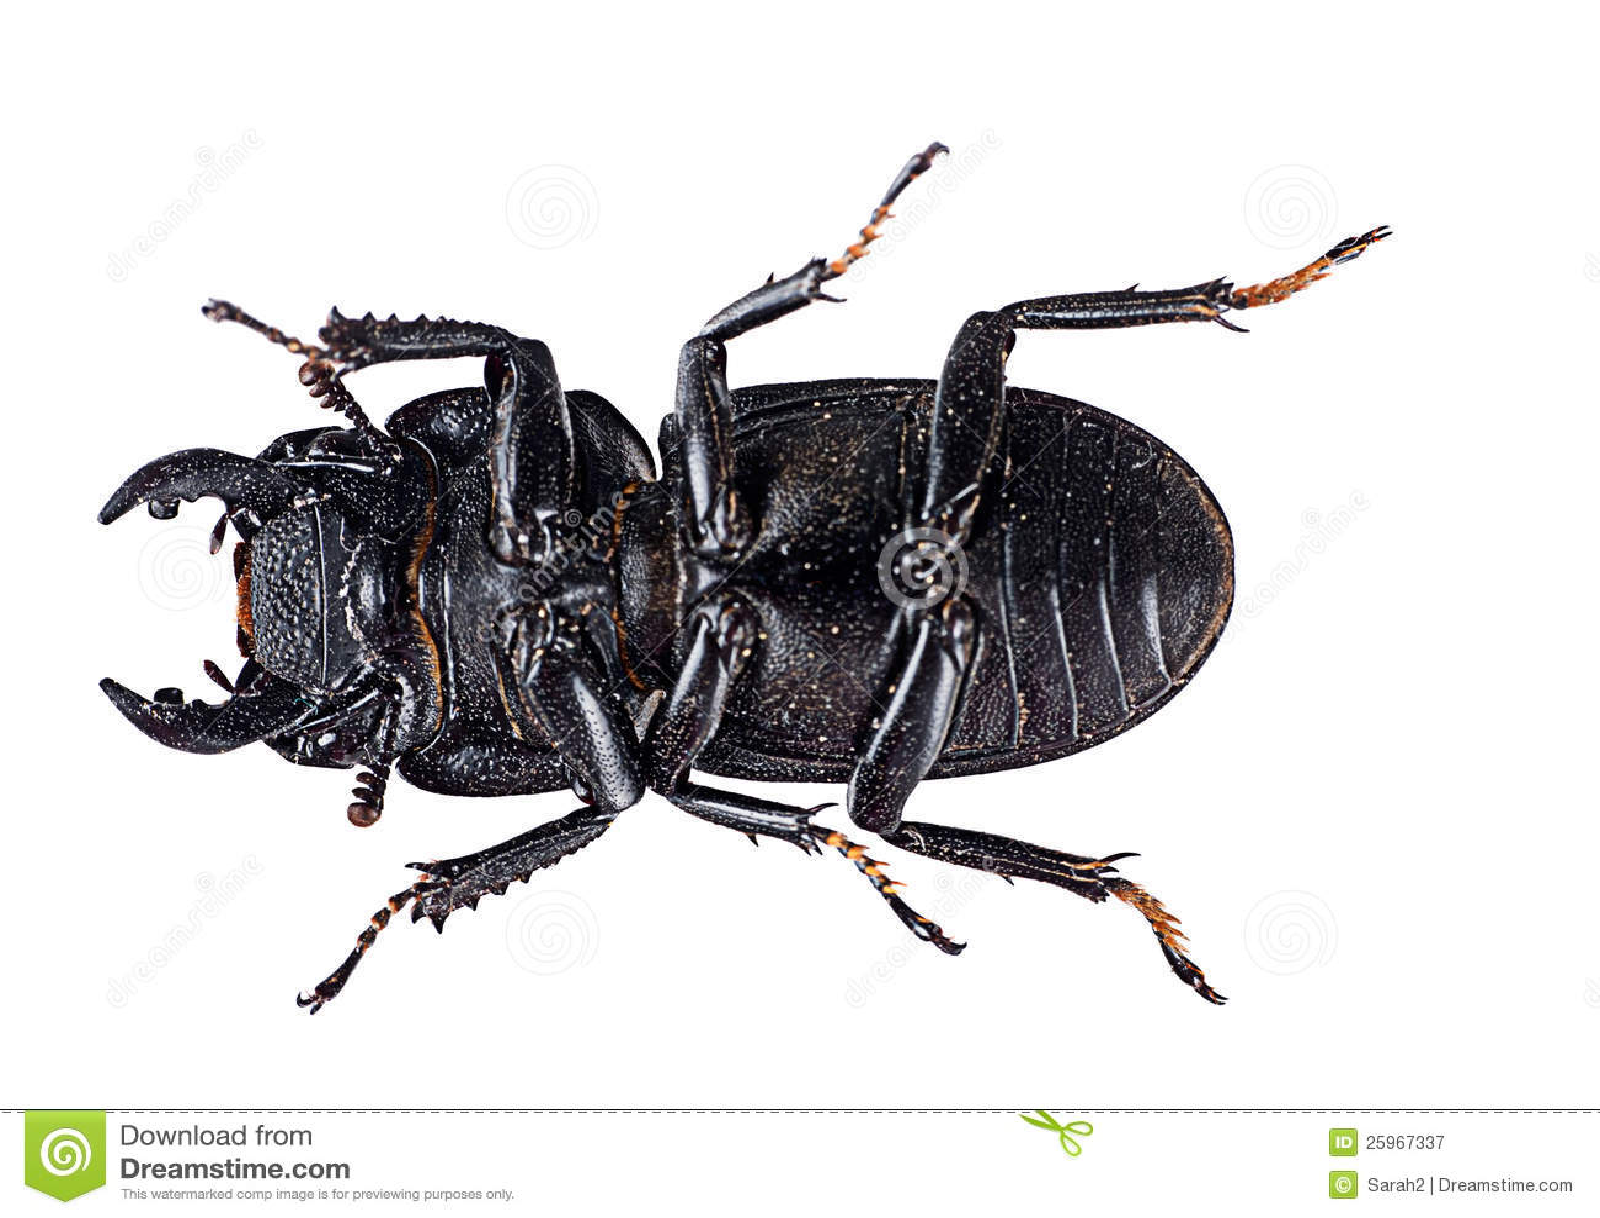 Stag Beetle Underside